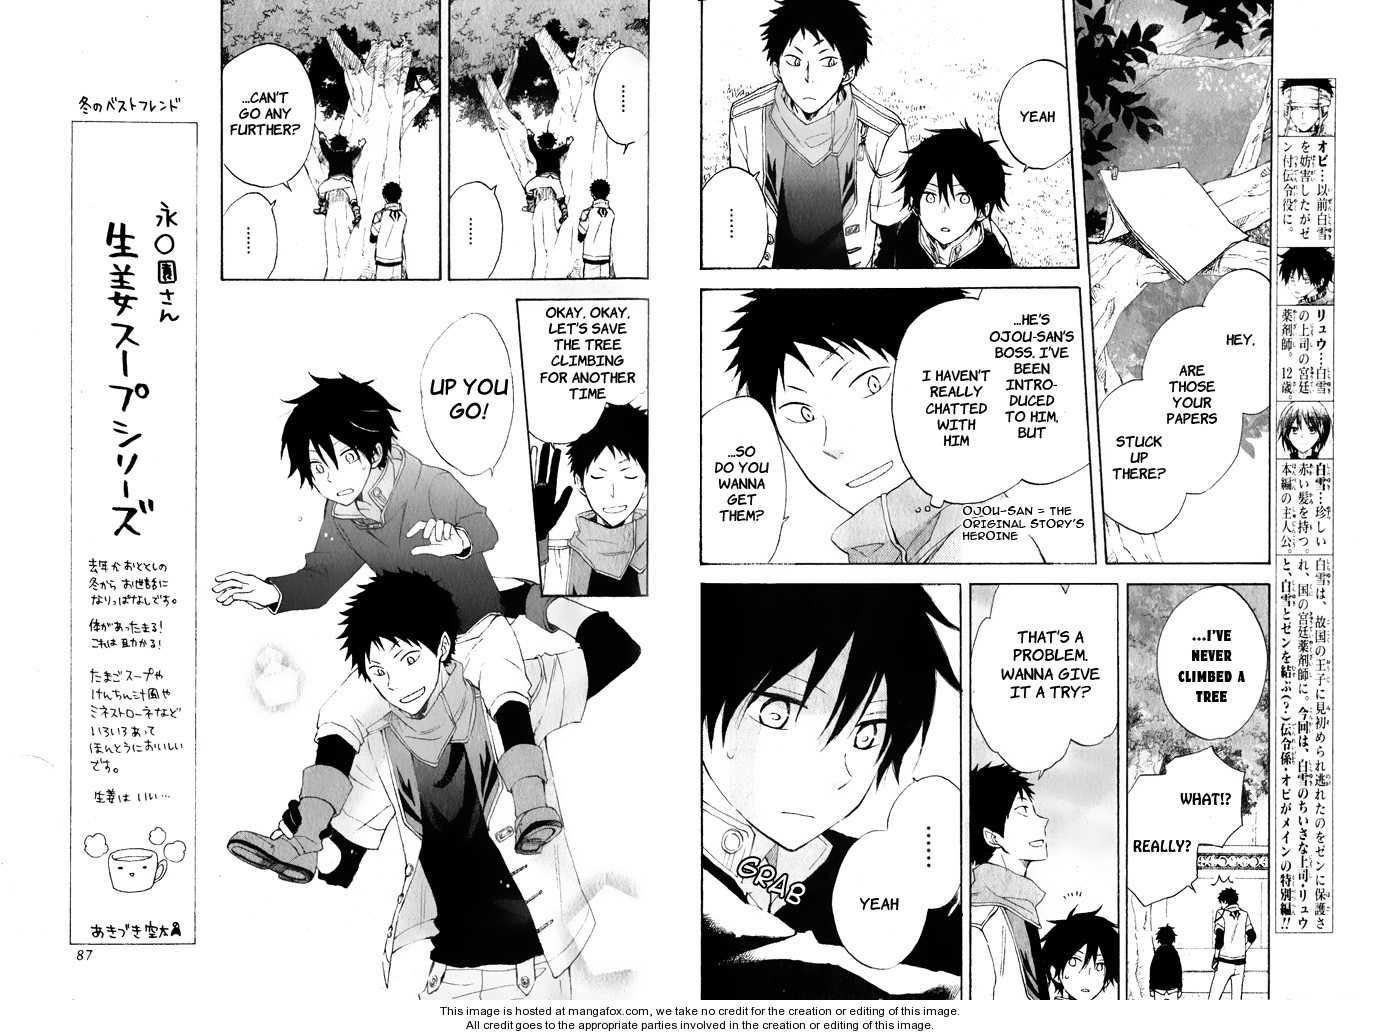 Akagami no Shirayukihime 17.5 Page 3